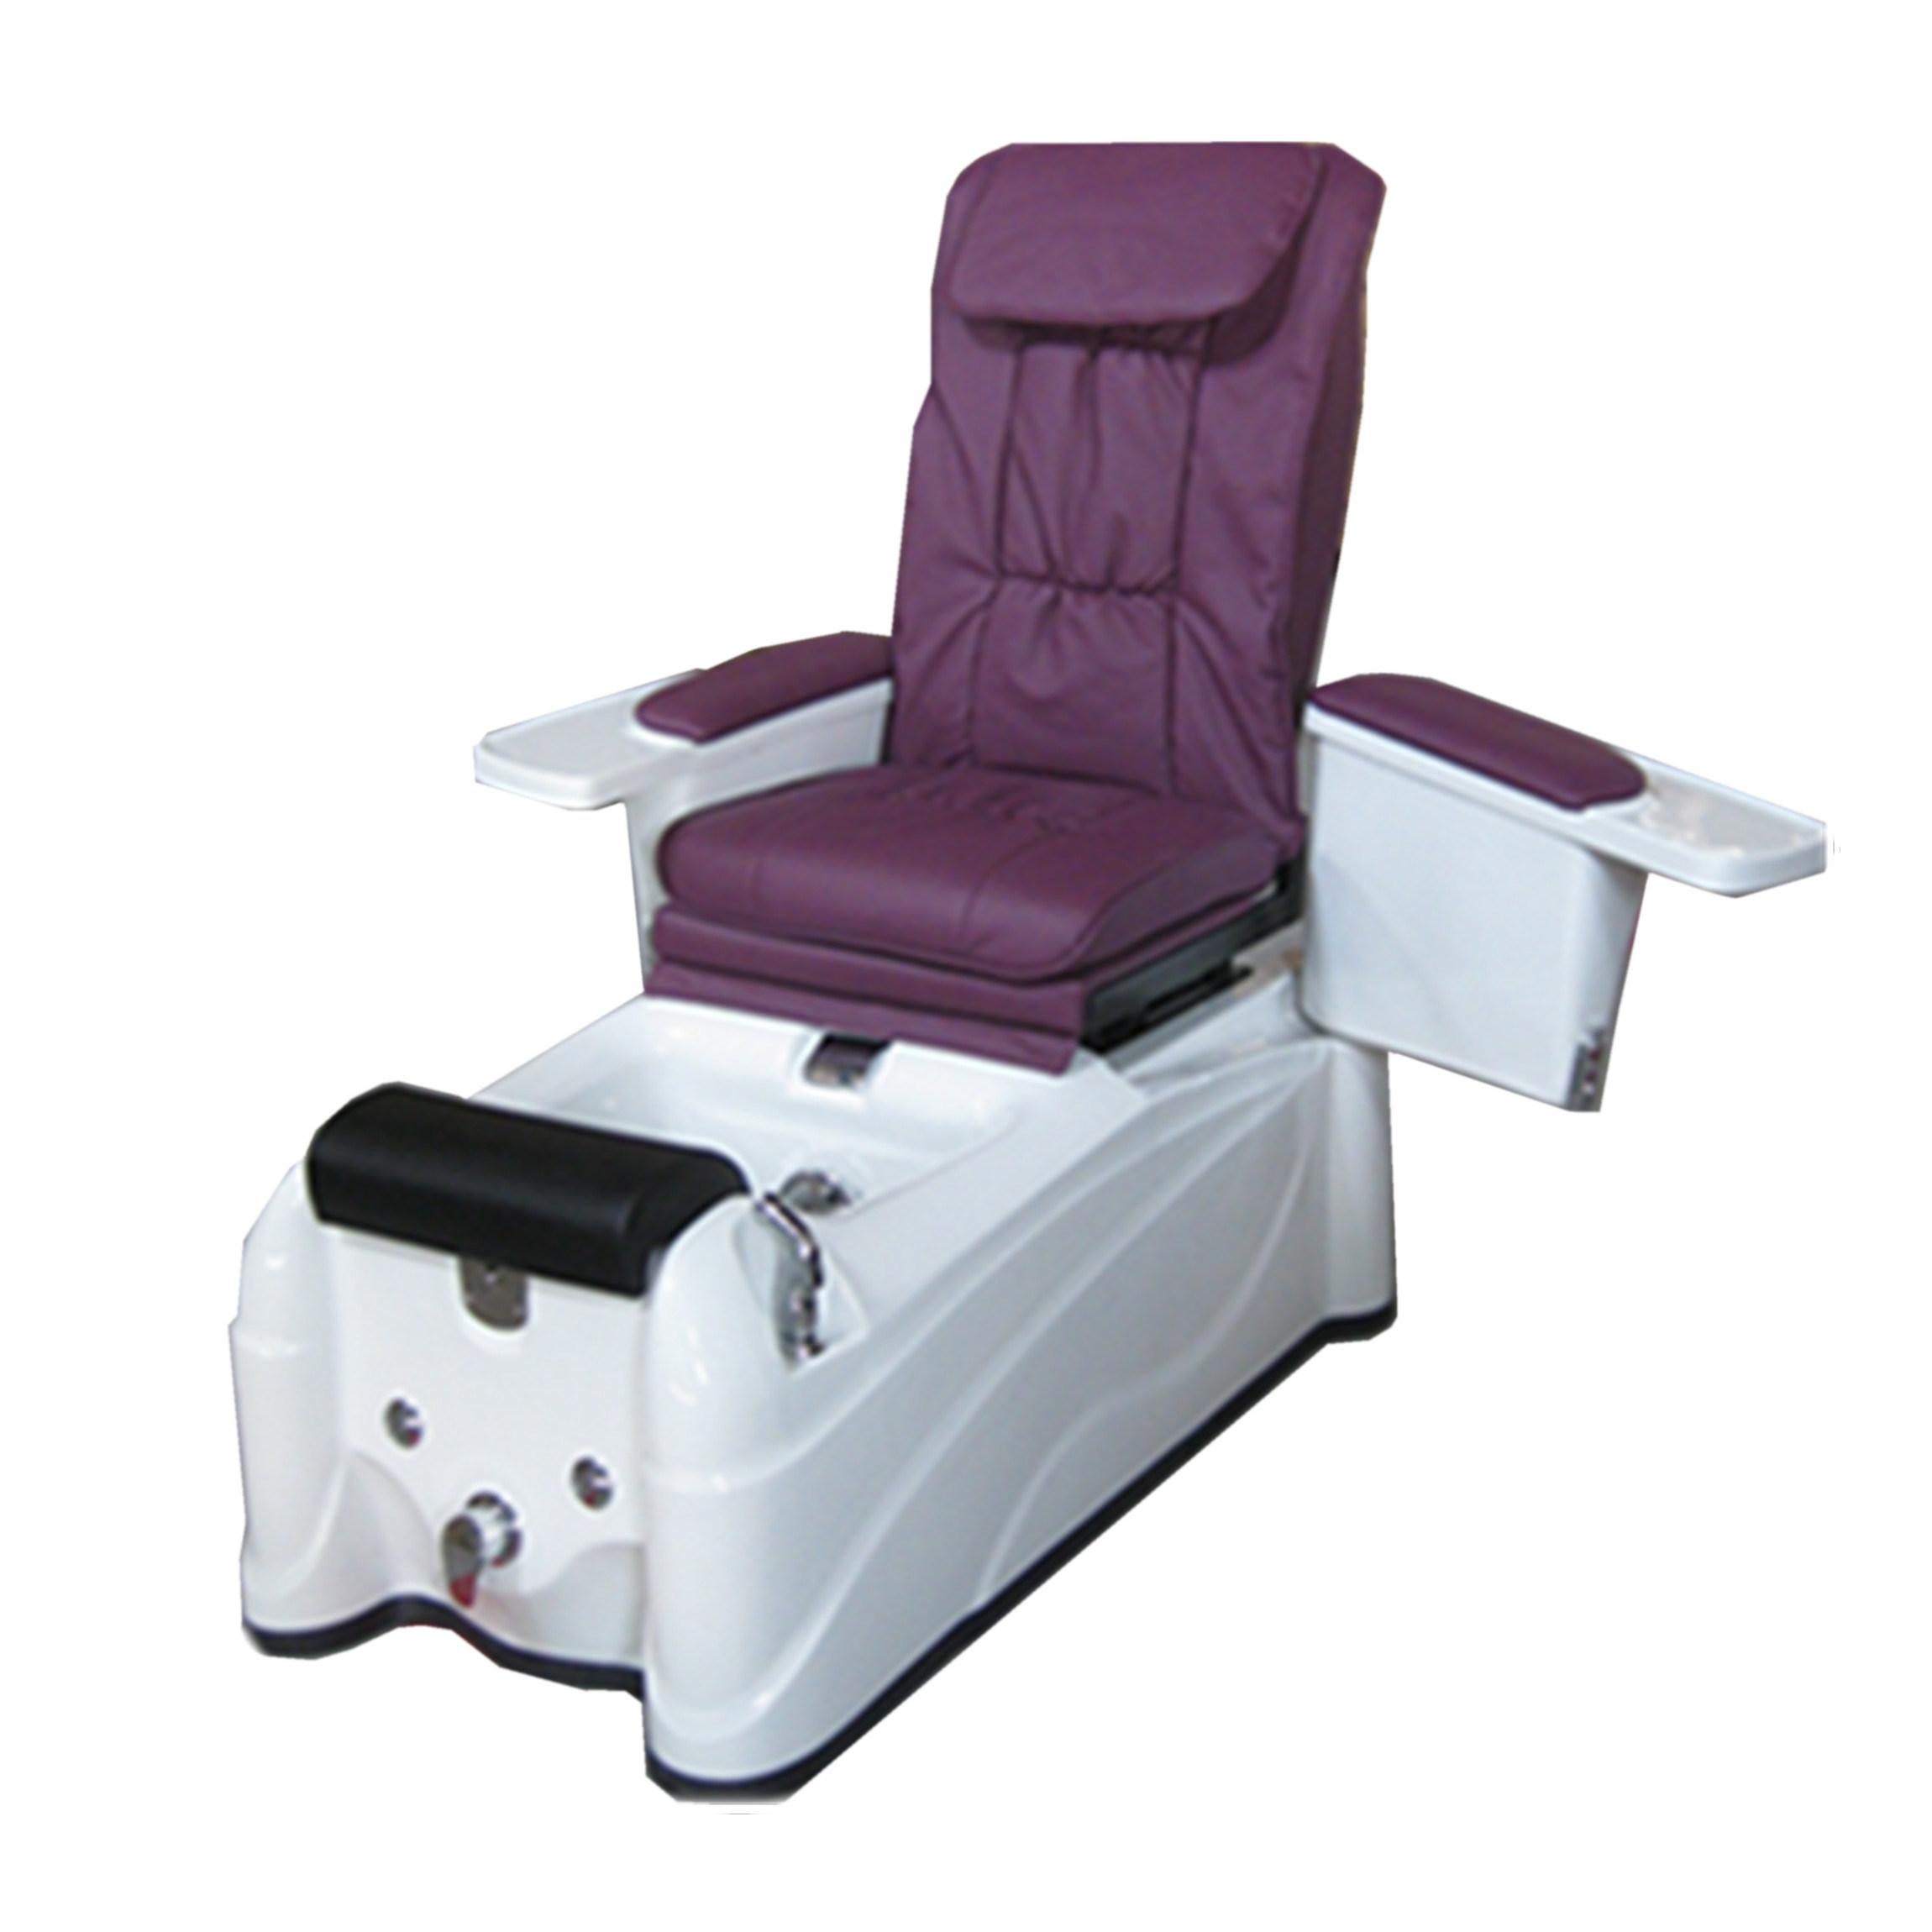 Silla de masage del pie del m s nuevo modelo de 2015 de for Sillas para pedicure